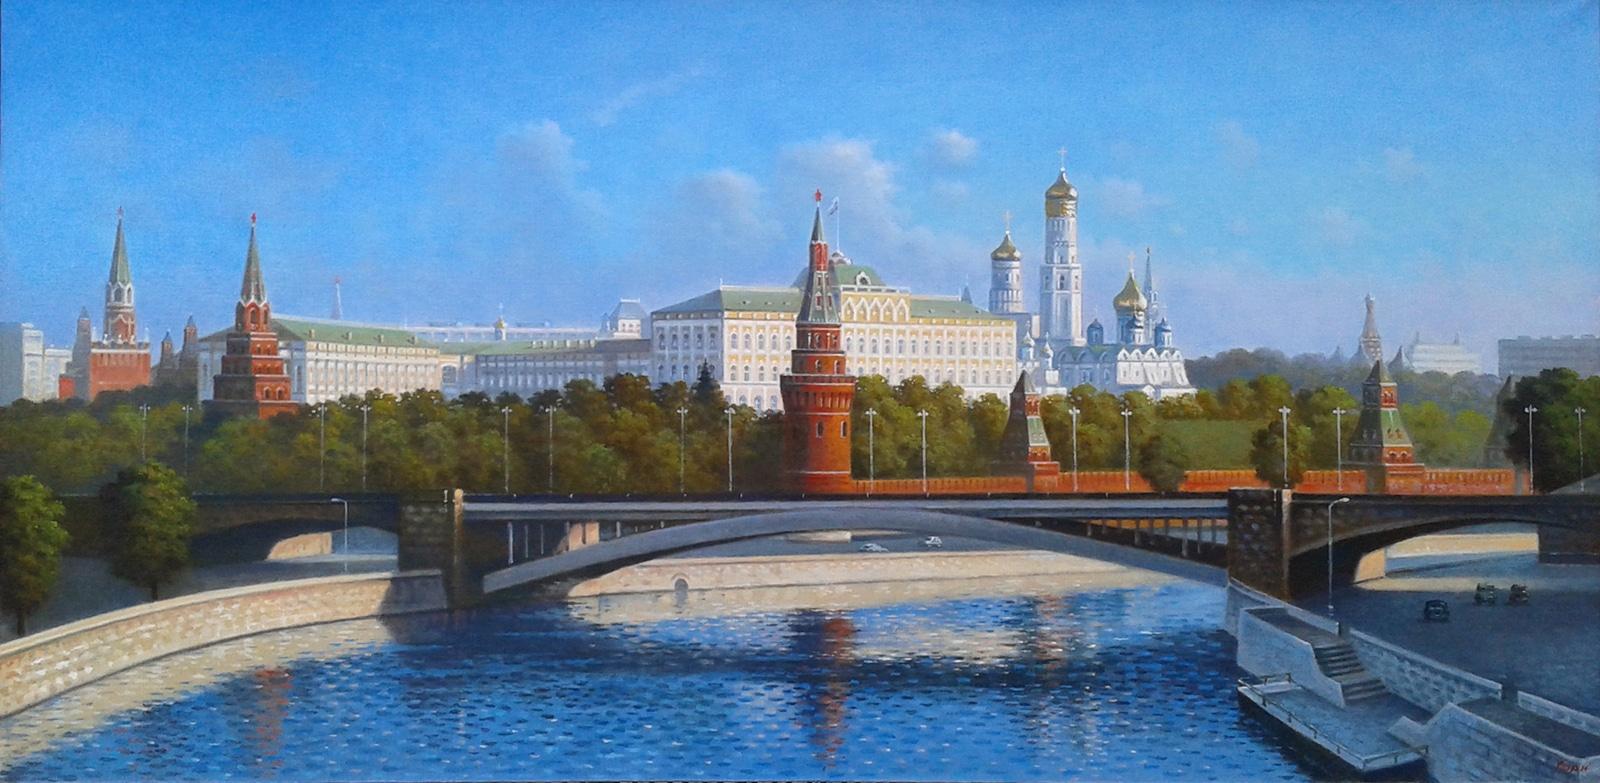 День города Москва 8 и 9 сентября 2018 - когда салют, где смотреть